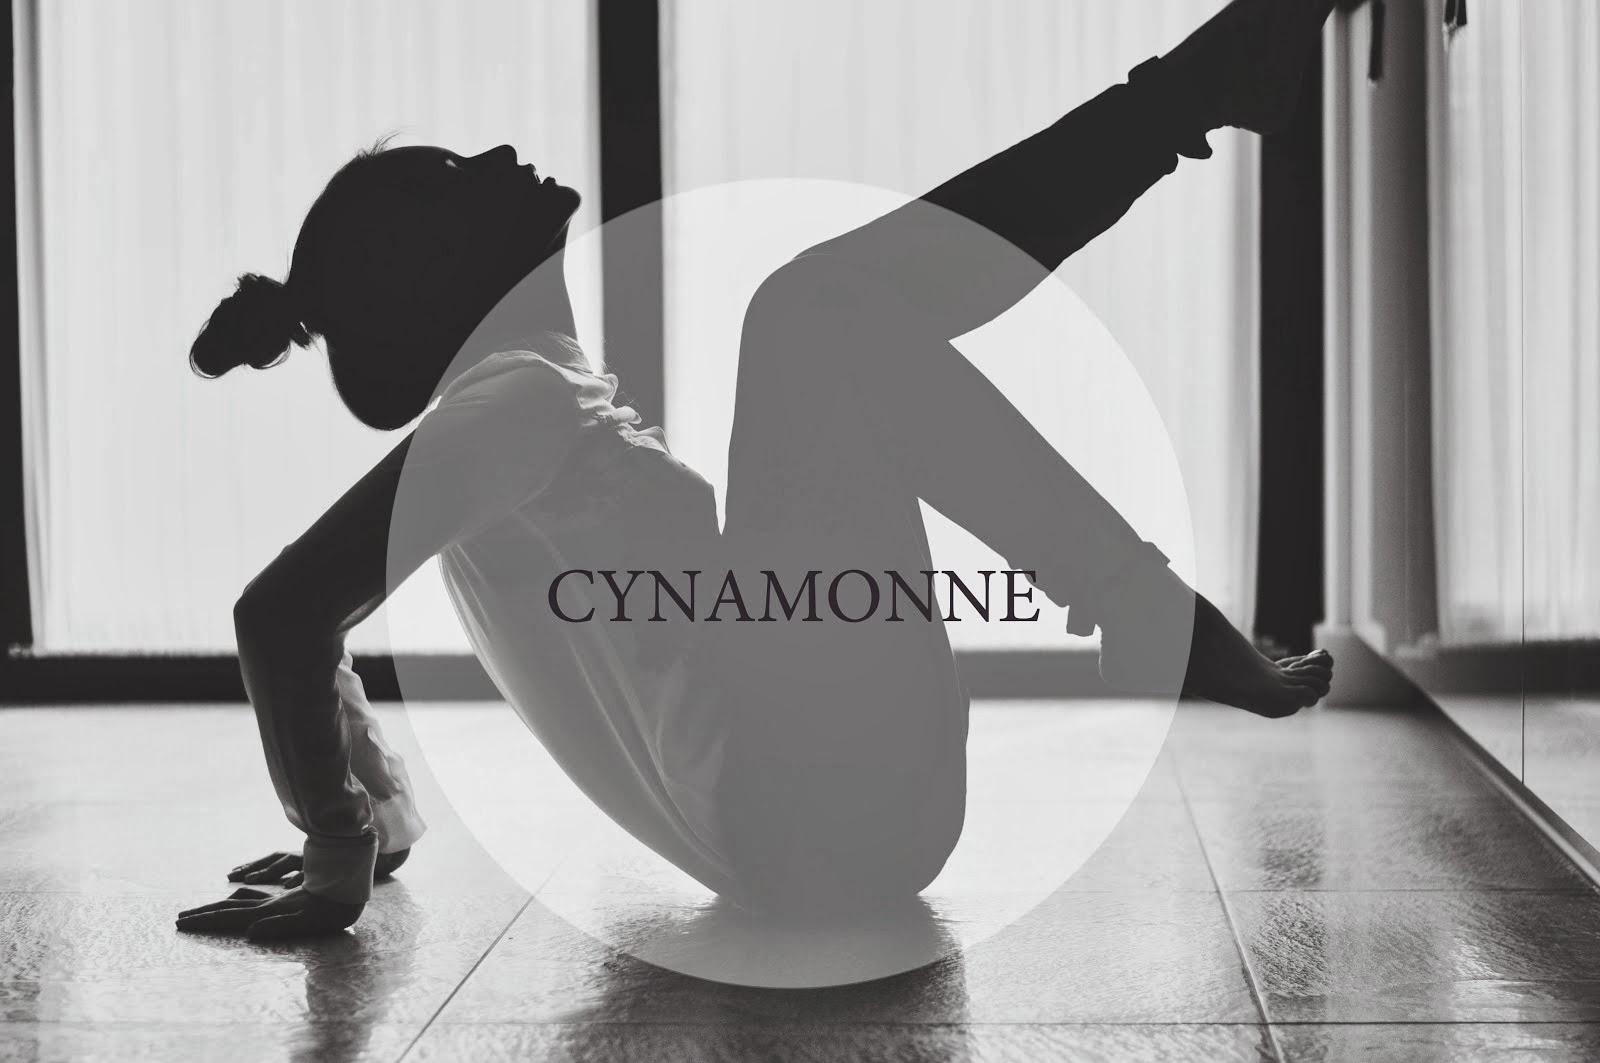 Cynamonne